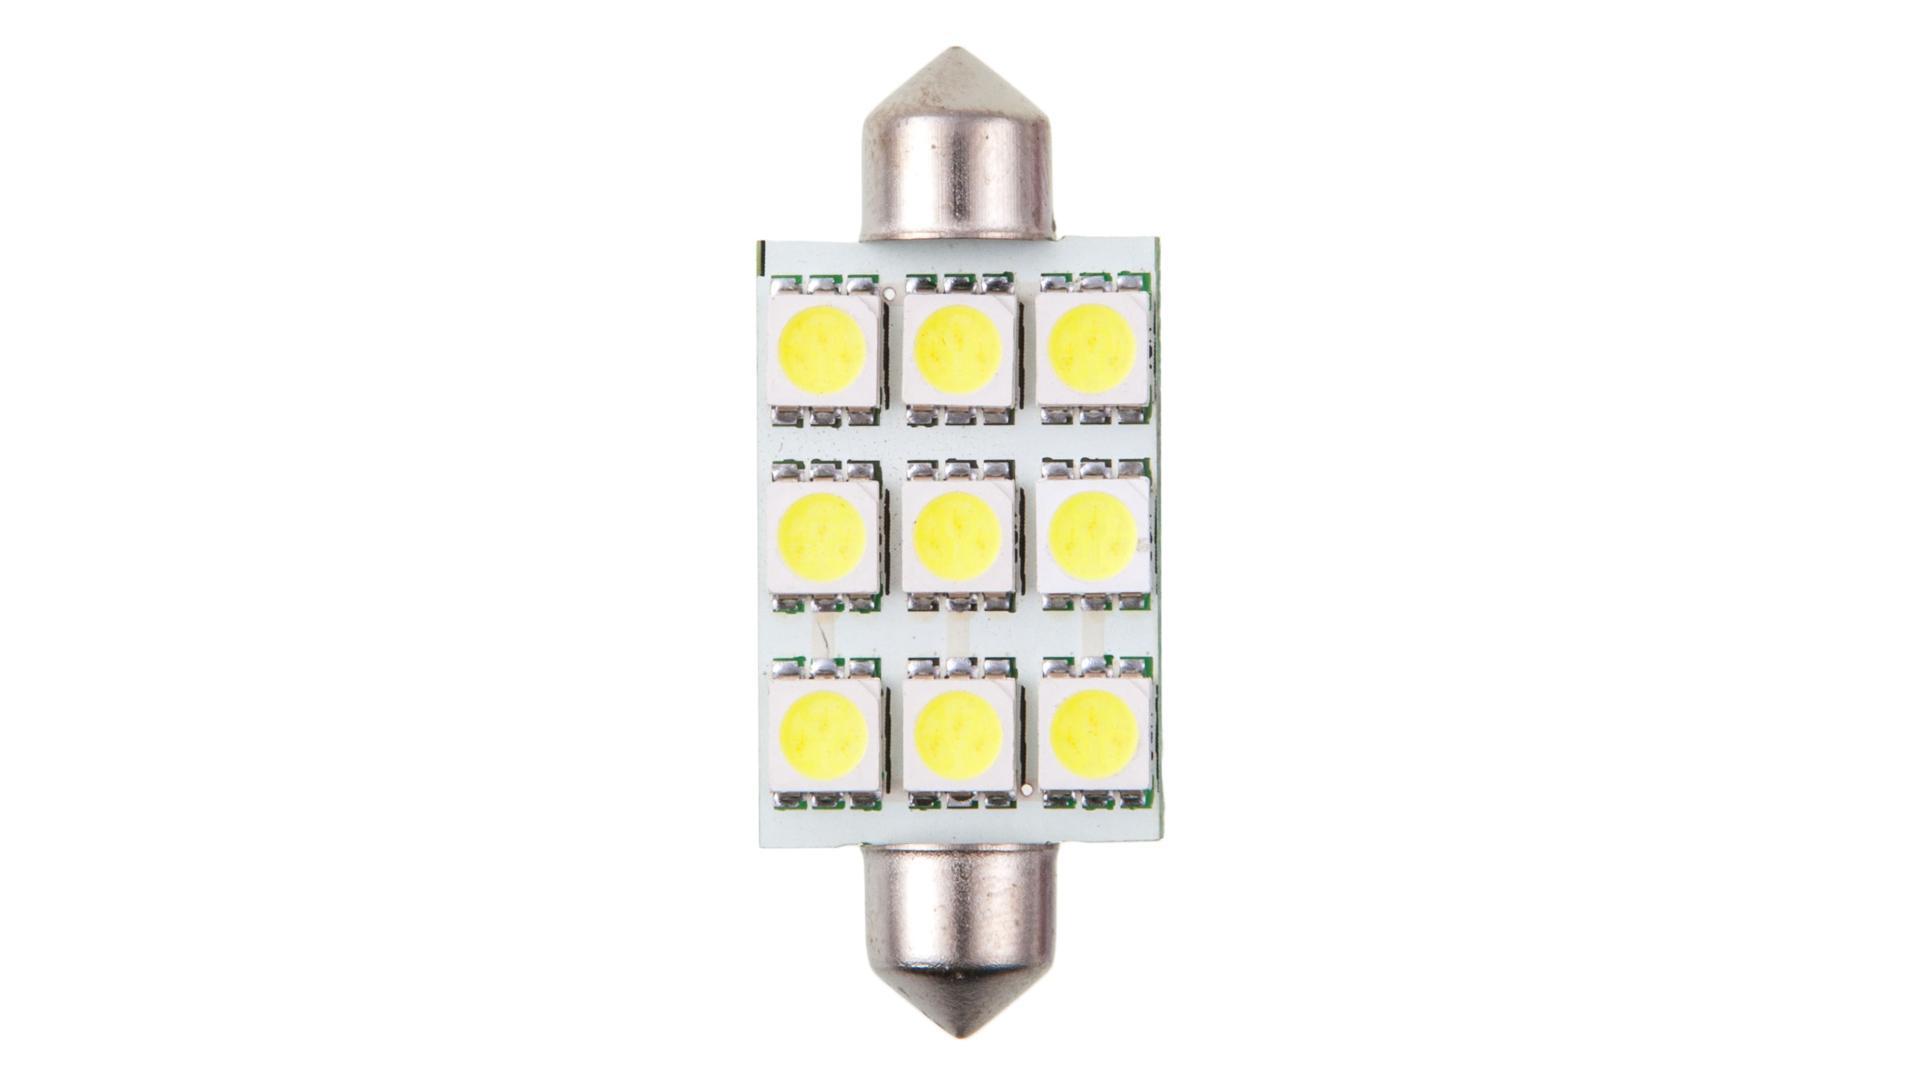 4CARS LED ŽIAROVKA 9LED 12V FESTOON 5050SMD T11X44MM